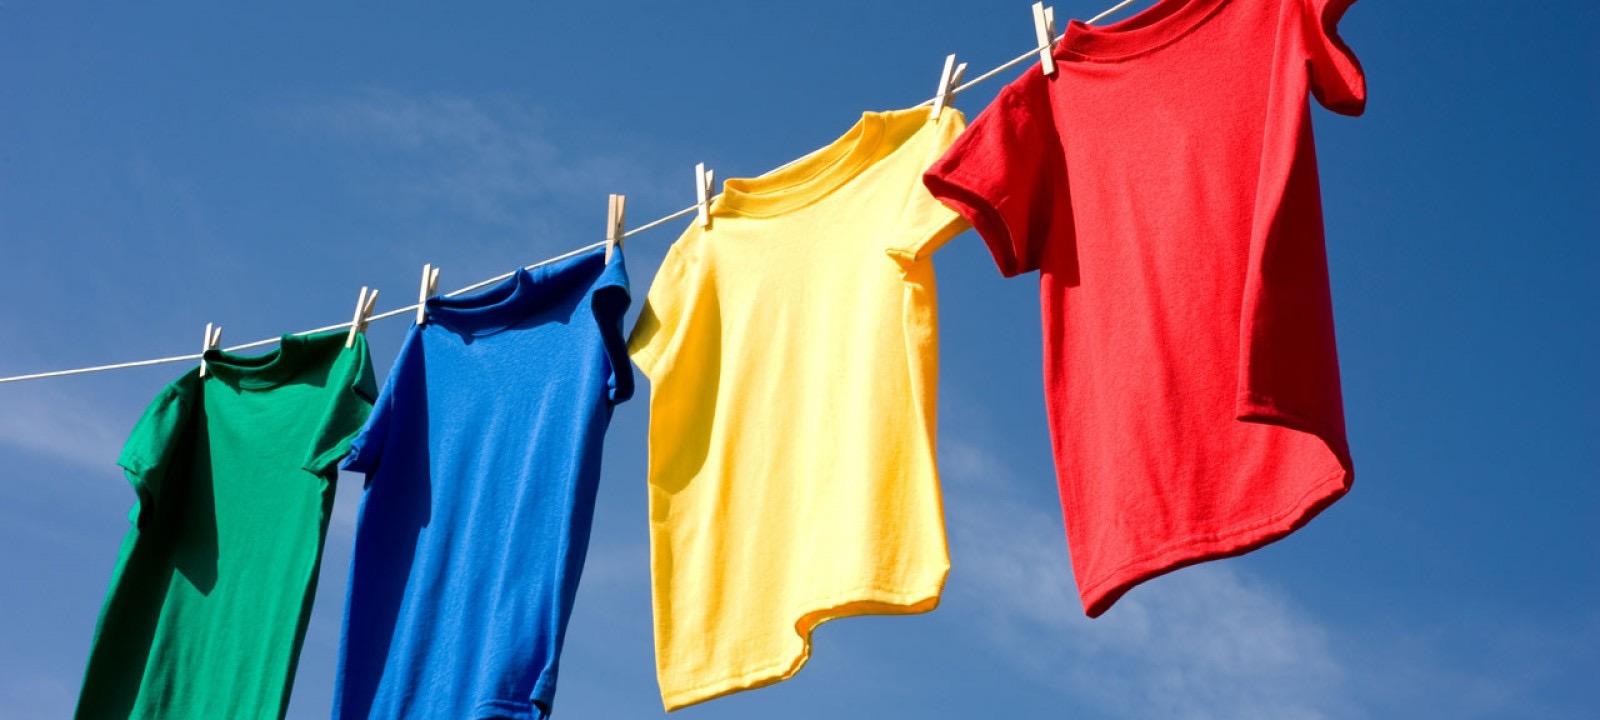 airalia ropa secando